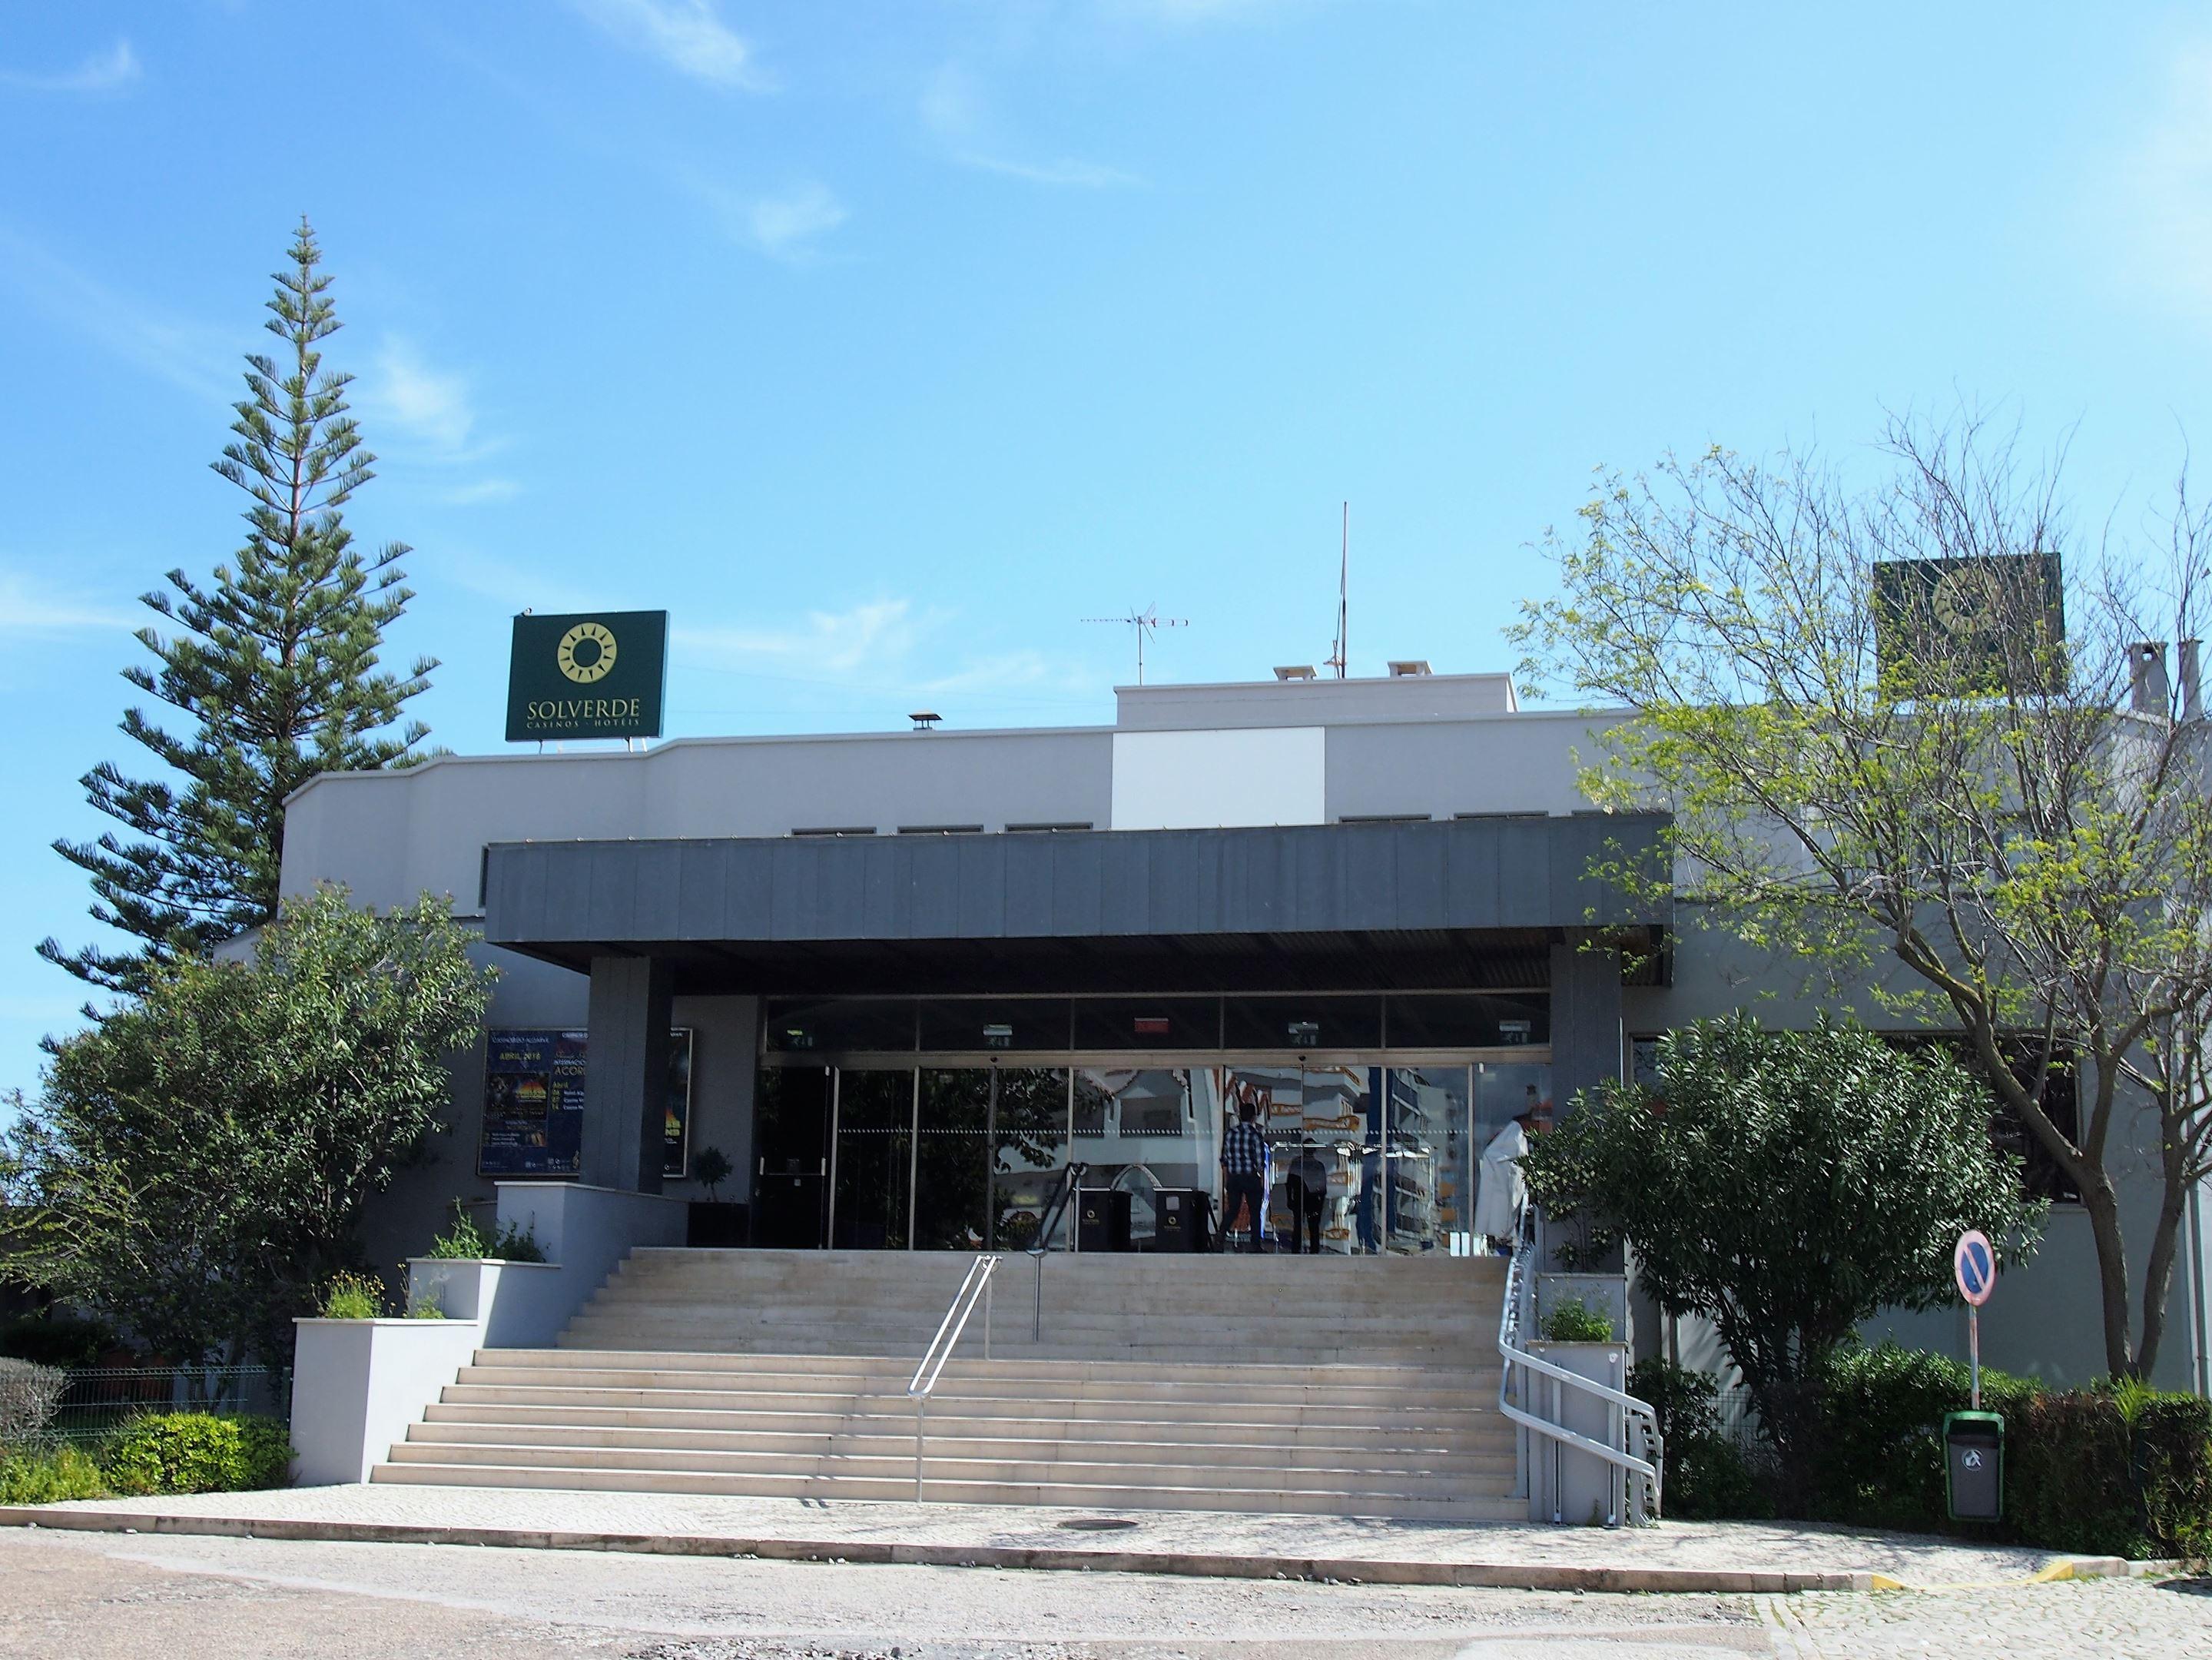 The casino at Monte Gordo